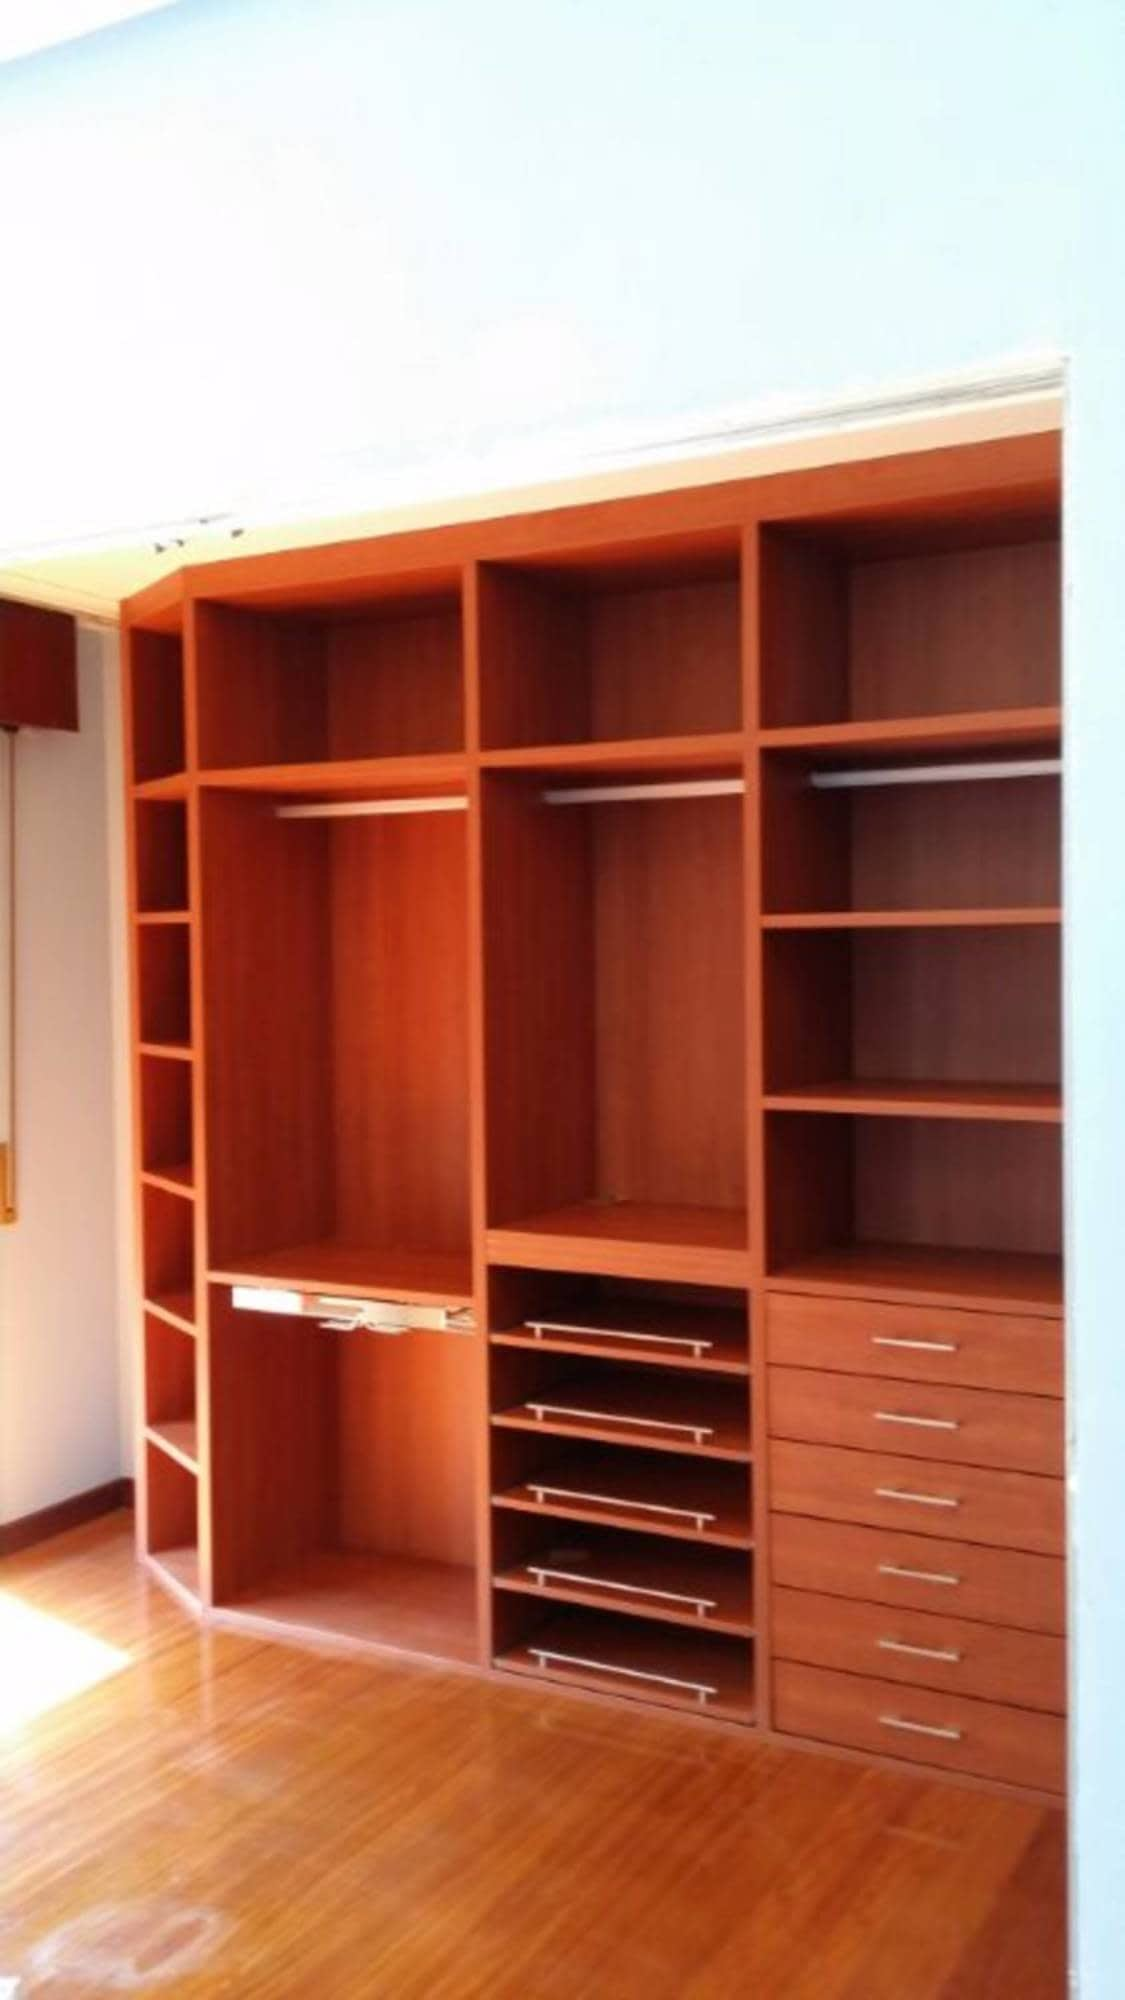 Interior Armario A Medida Con Estanter A Baldas Colgadores Y  # Muebles Bizkaia